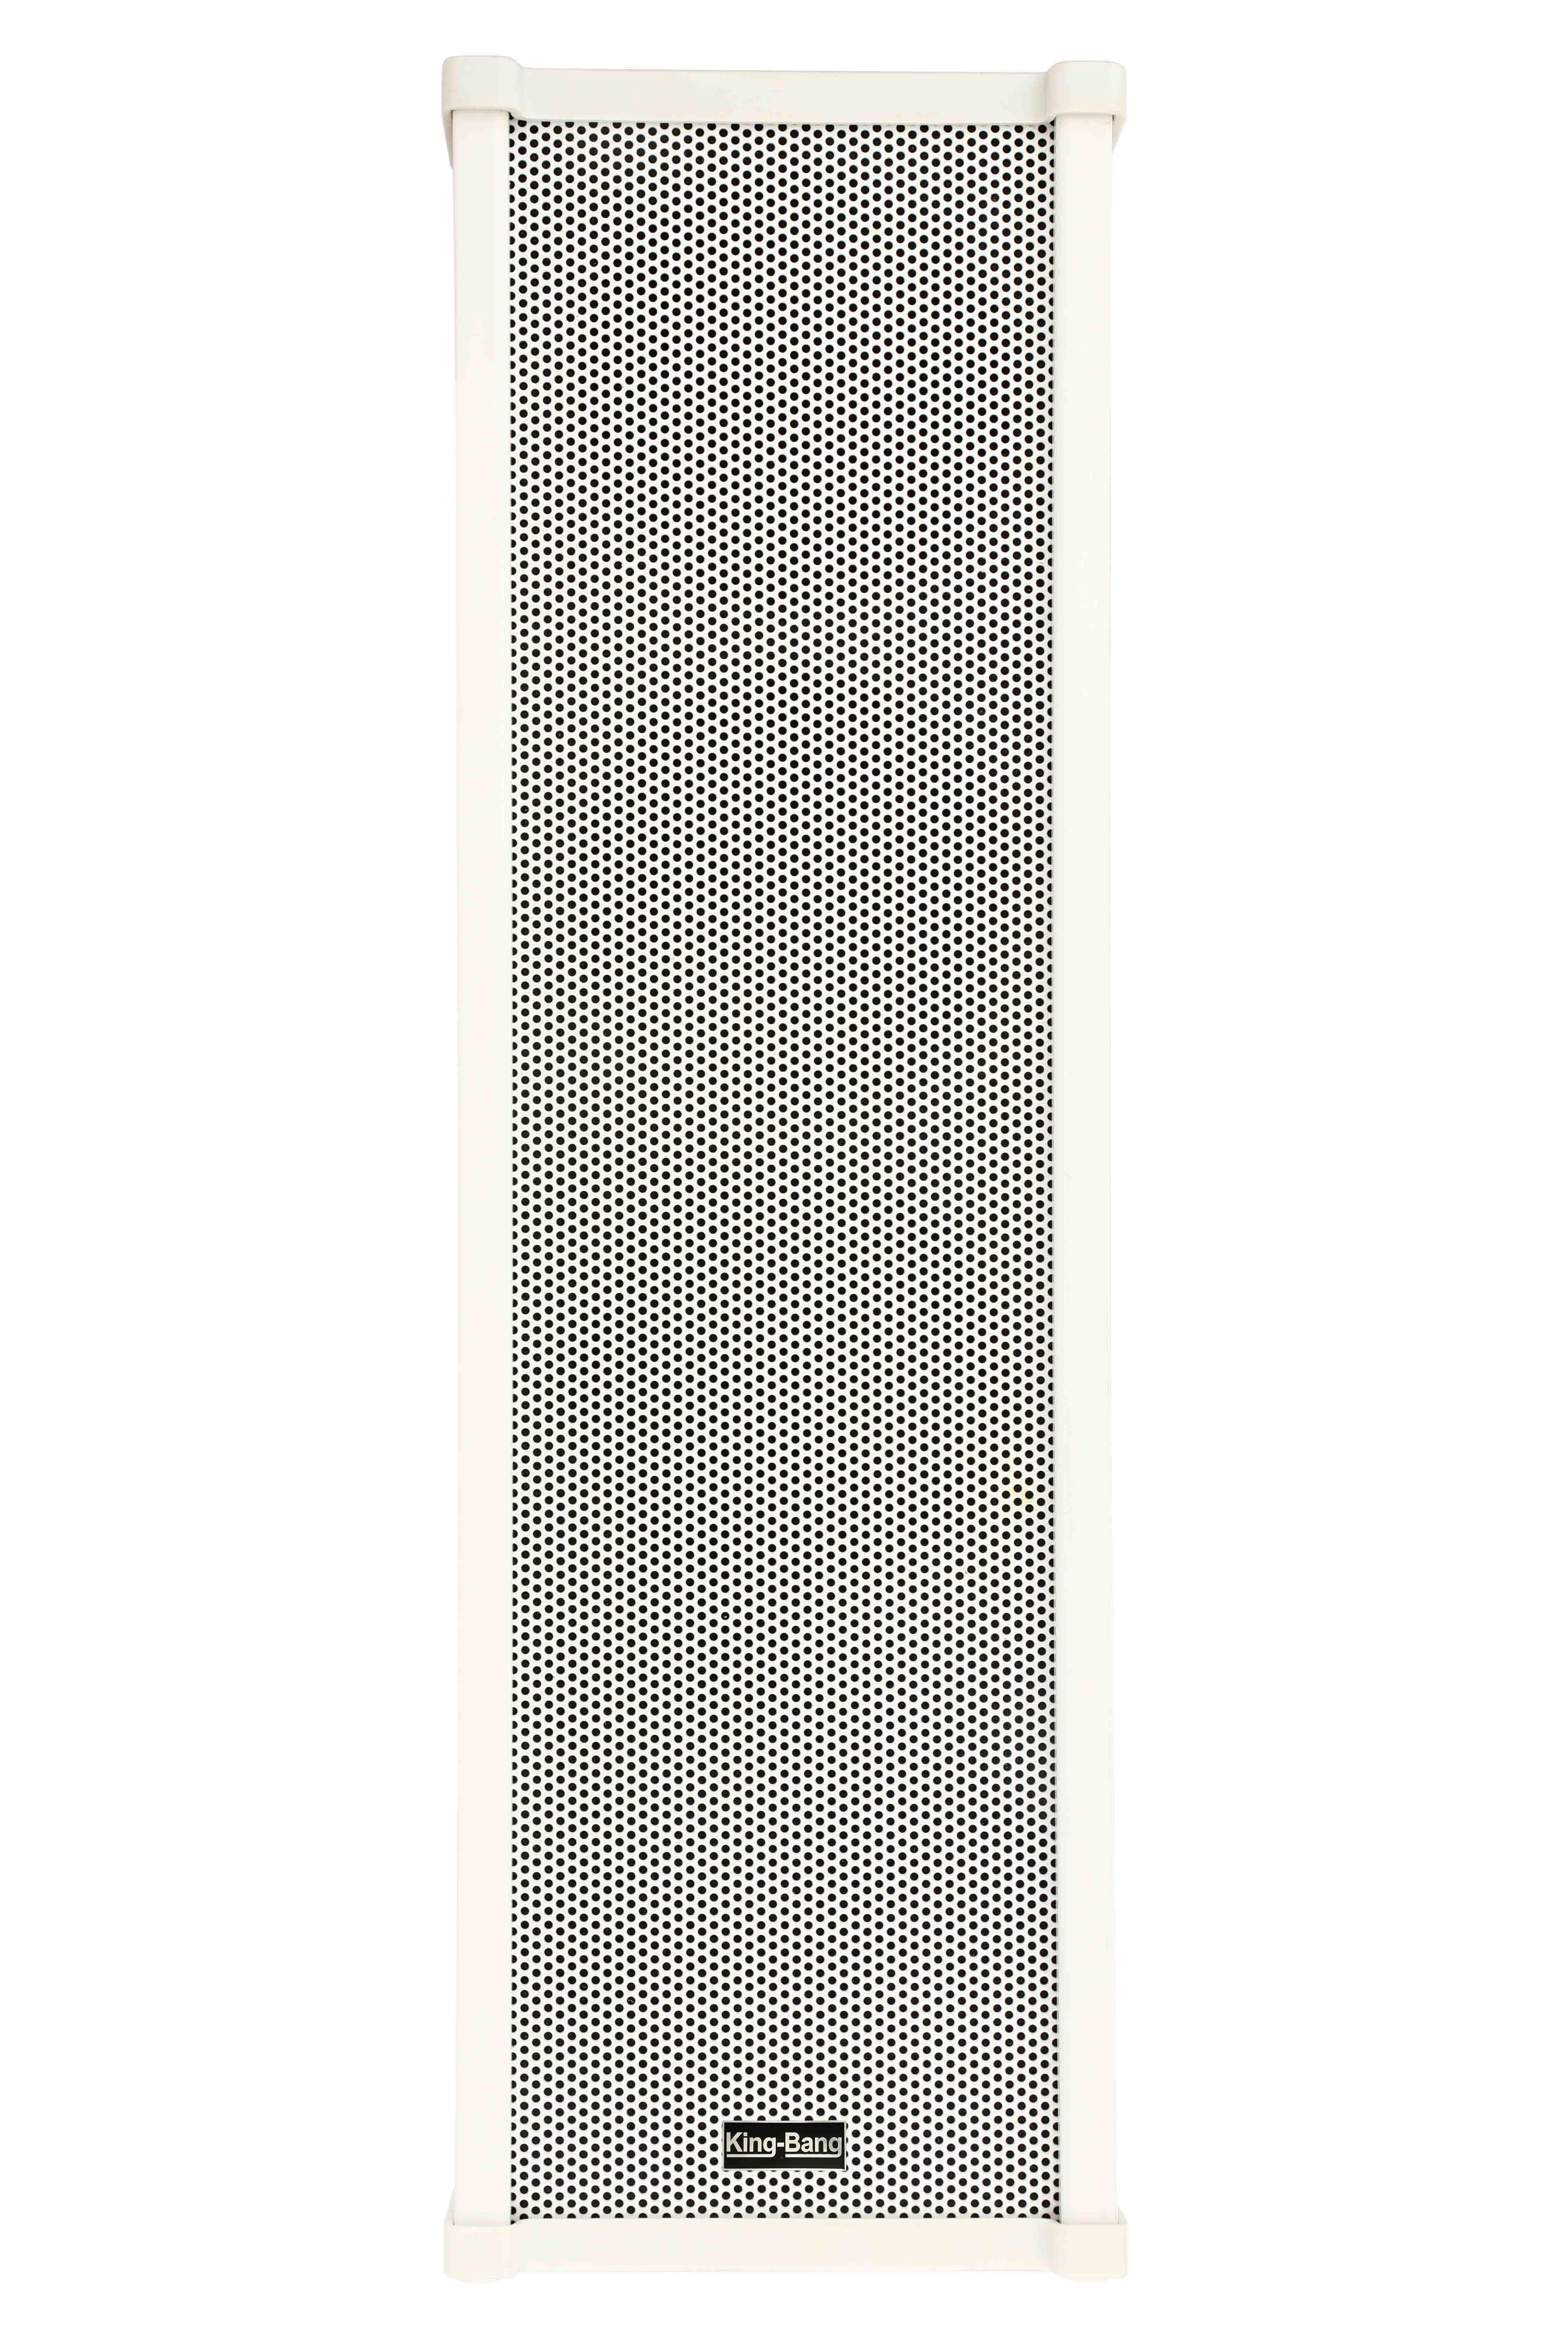 6寸铝合金音柱 (150W)  S-8150Q